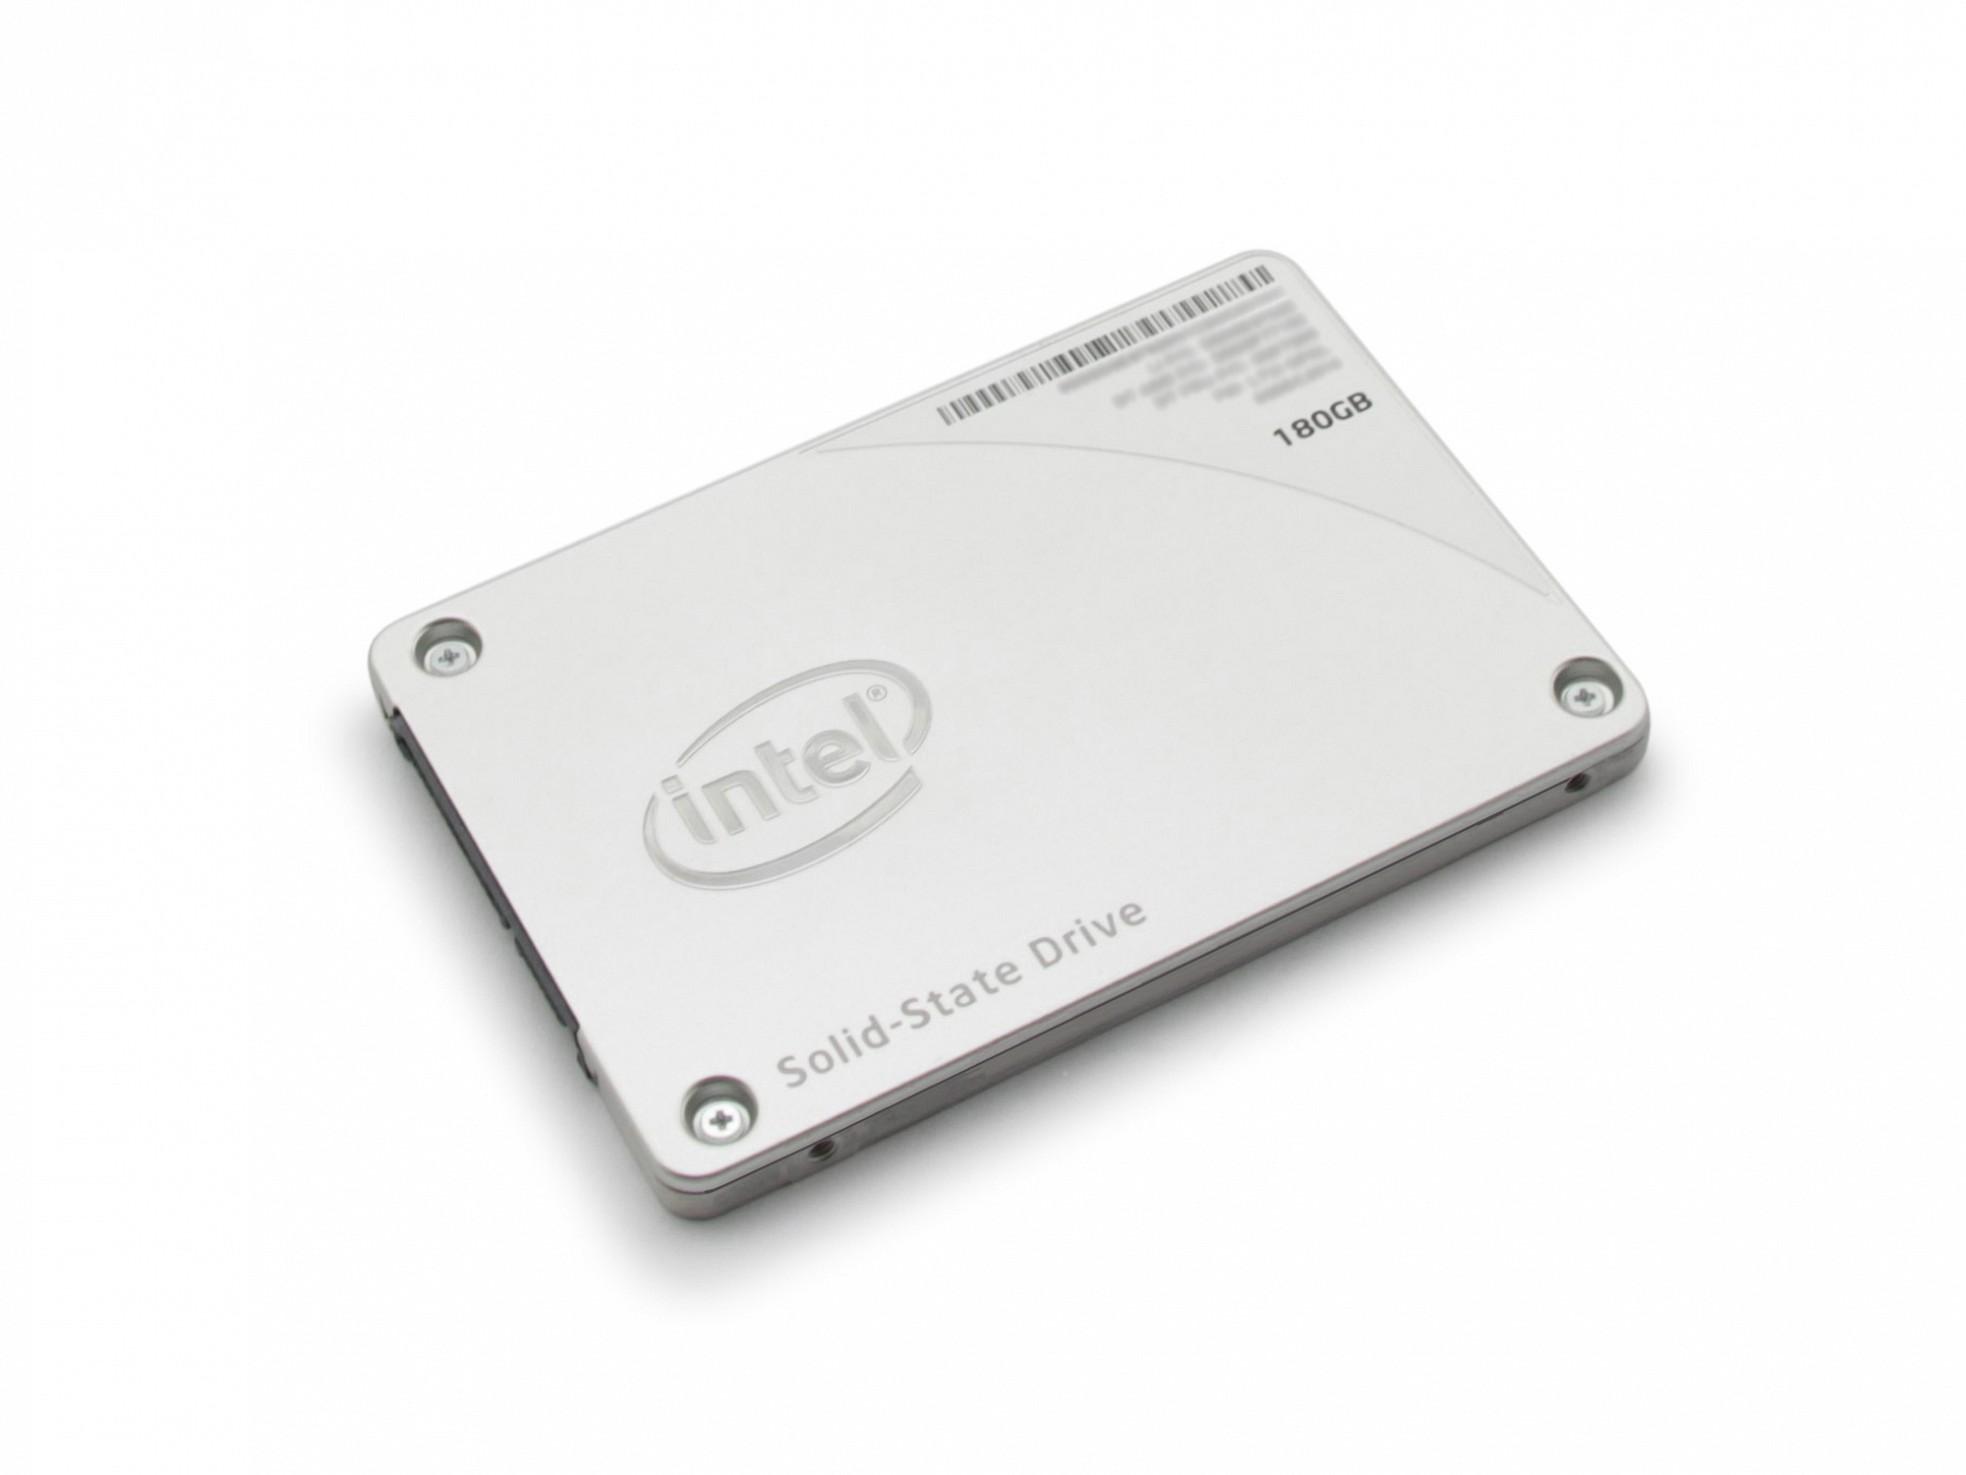 Festplatte SSD - 180GB Intel für Wortmann Terra Mobile 1509